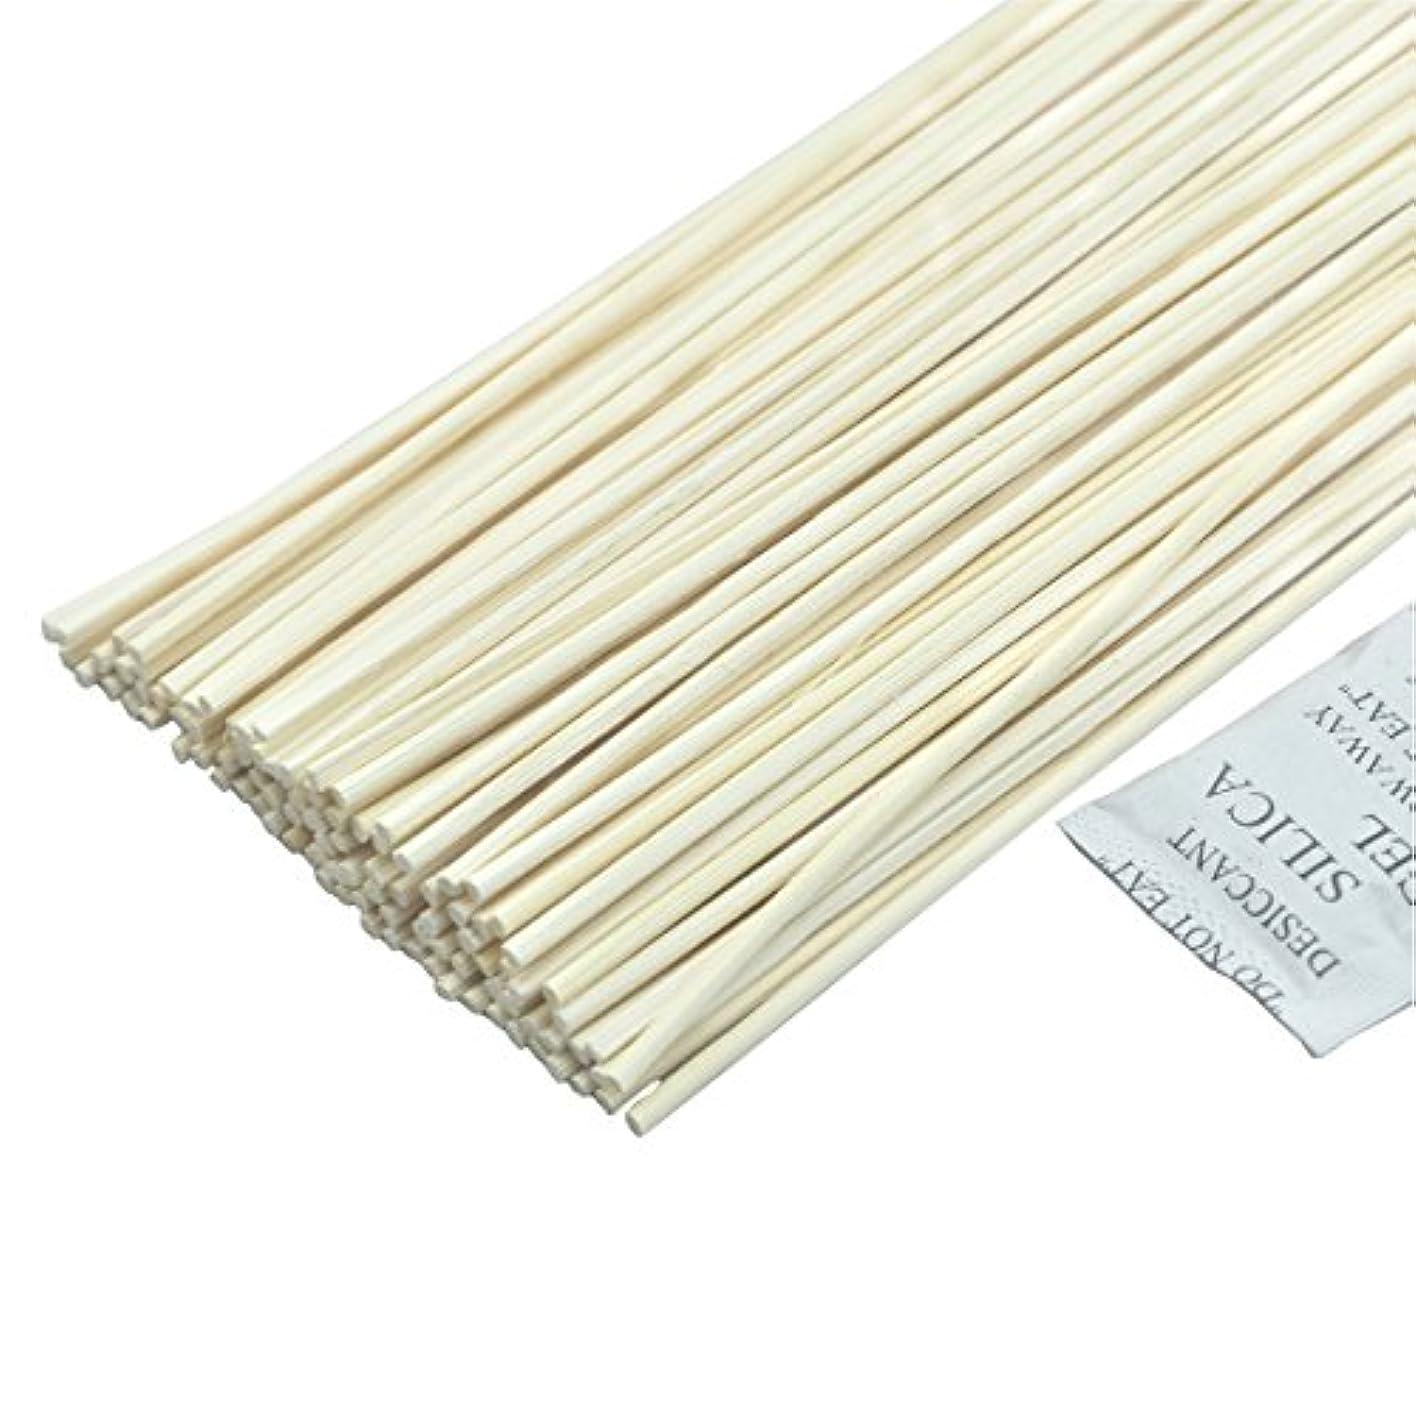 次新年減る100本入ナチュラルカラー 籐のリードアロマディフューザーの交換用スティック (16cmx3mm)